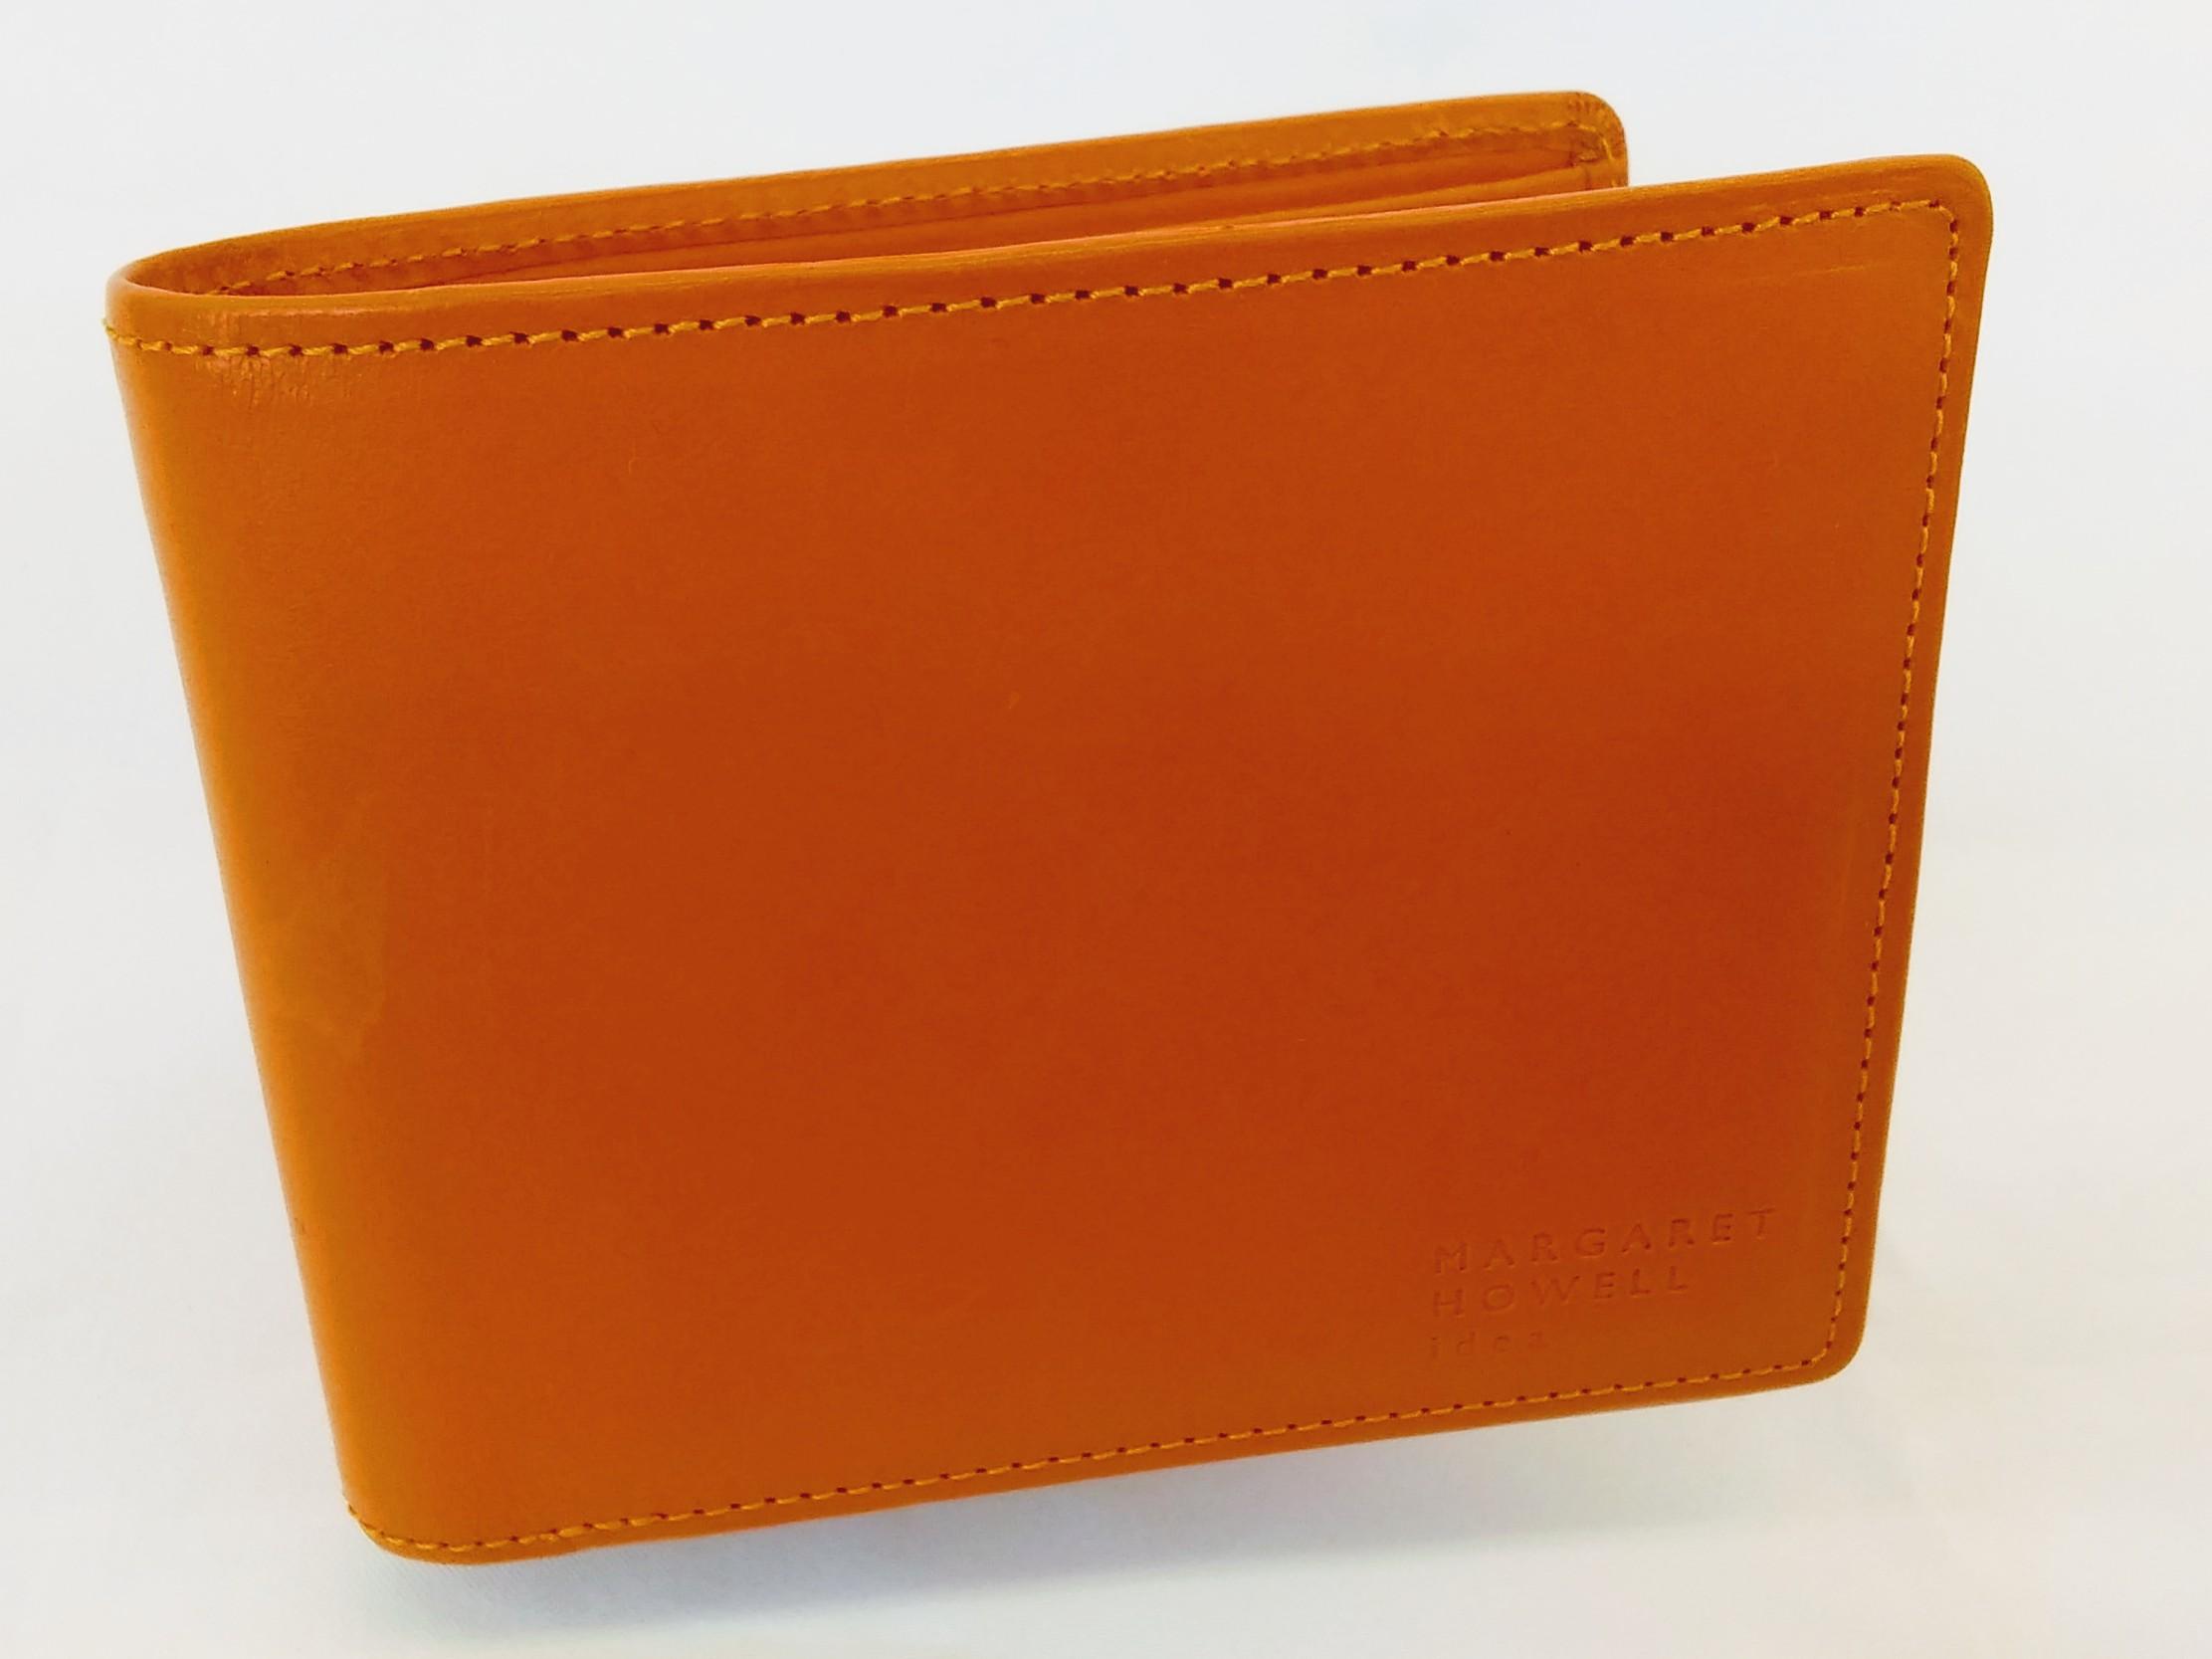 折りたたみ財布|MARGARET HOWELL【マーガレットハウエル】